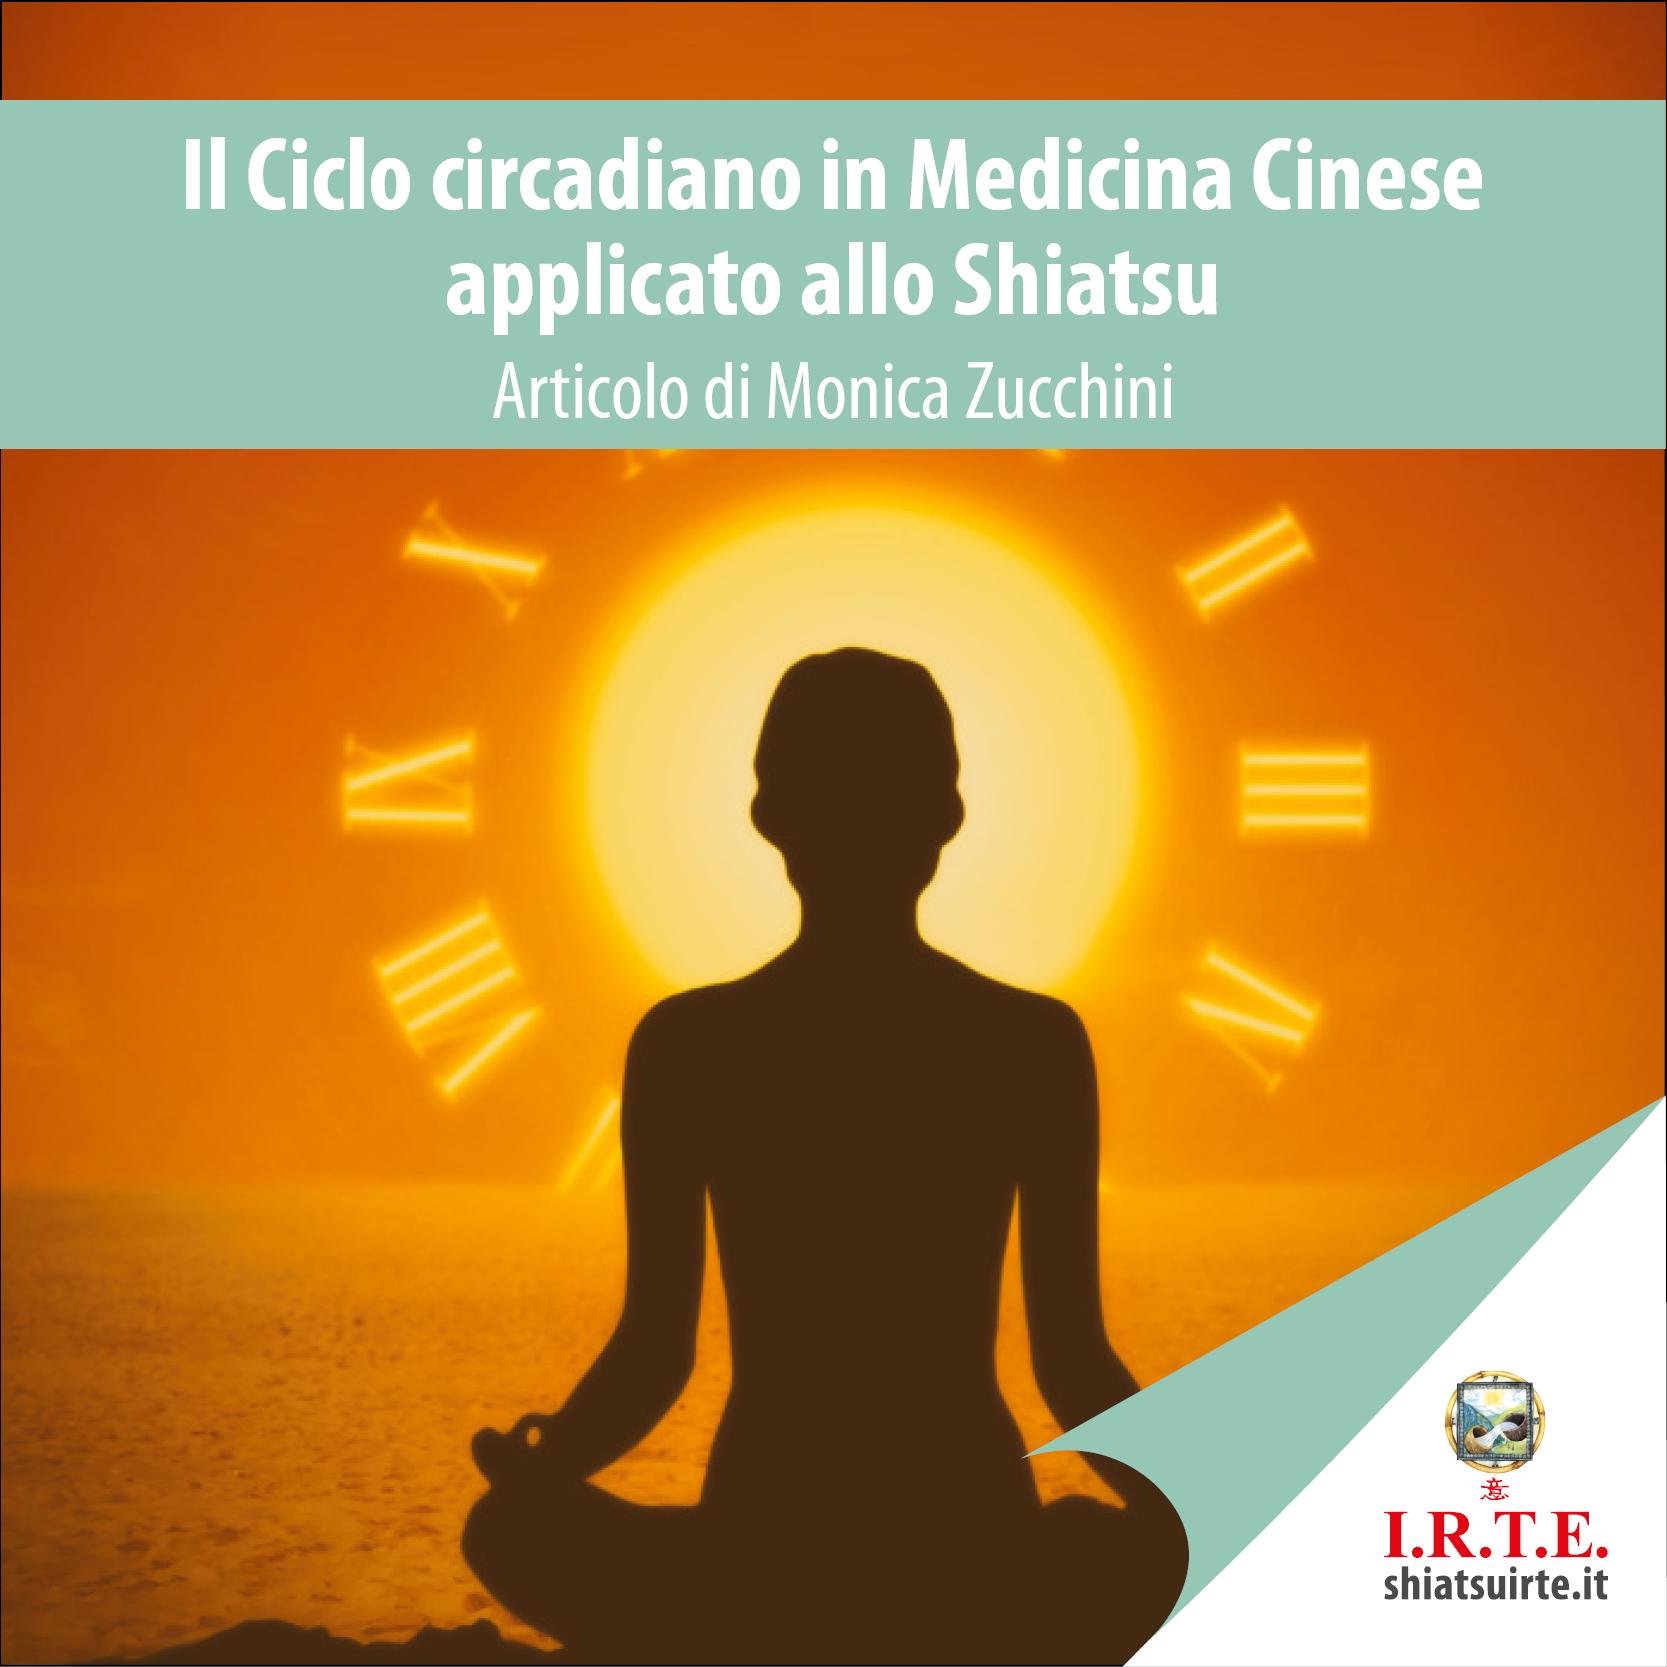 Ciclo circadiano in Medicina Tradizionale Cinese applicato allo shiatsu